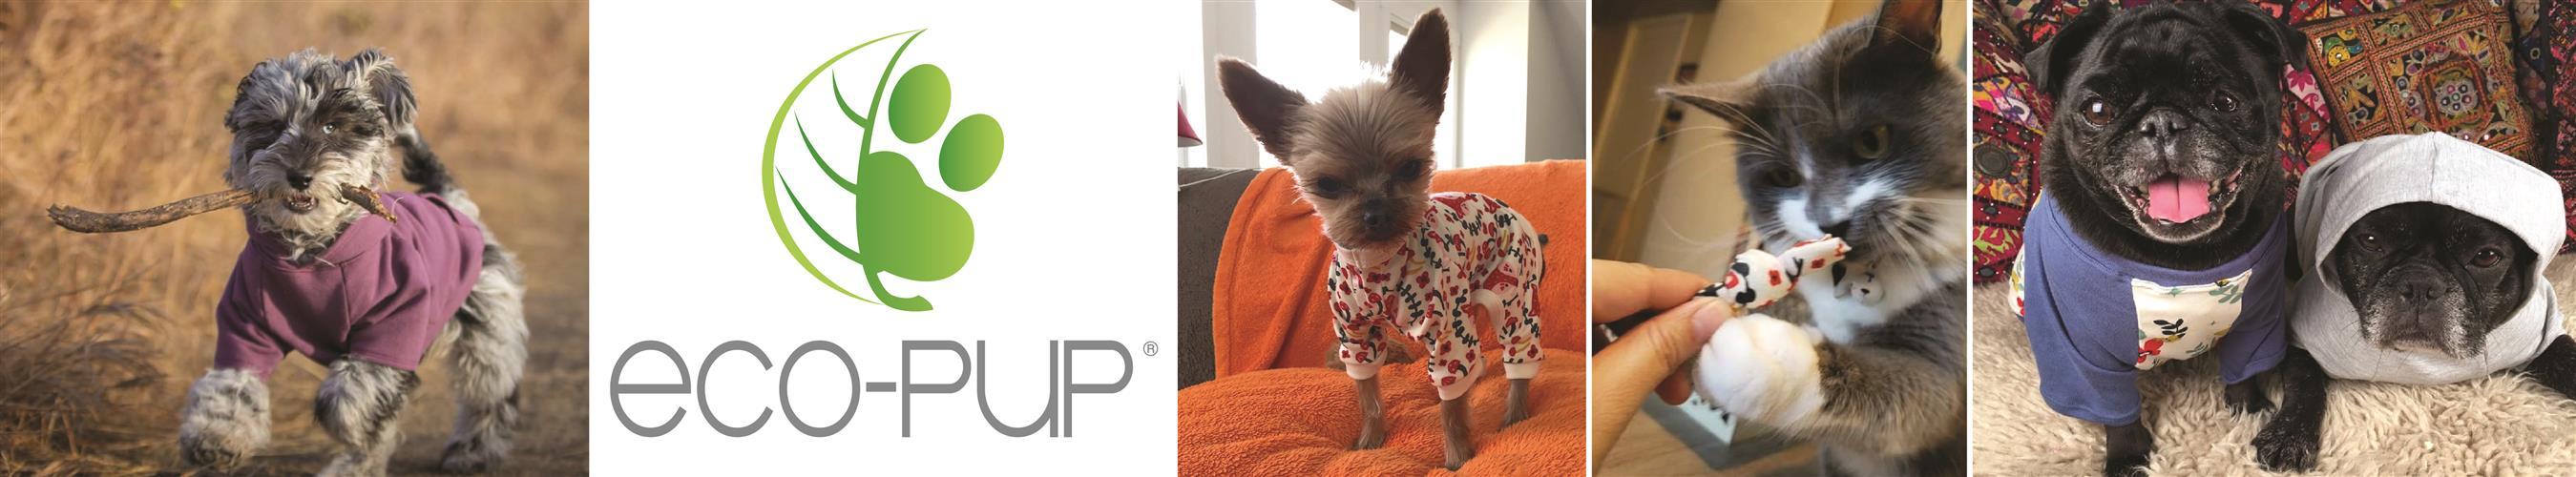 Eco-Pup® Dog Clothing